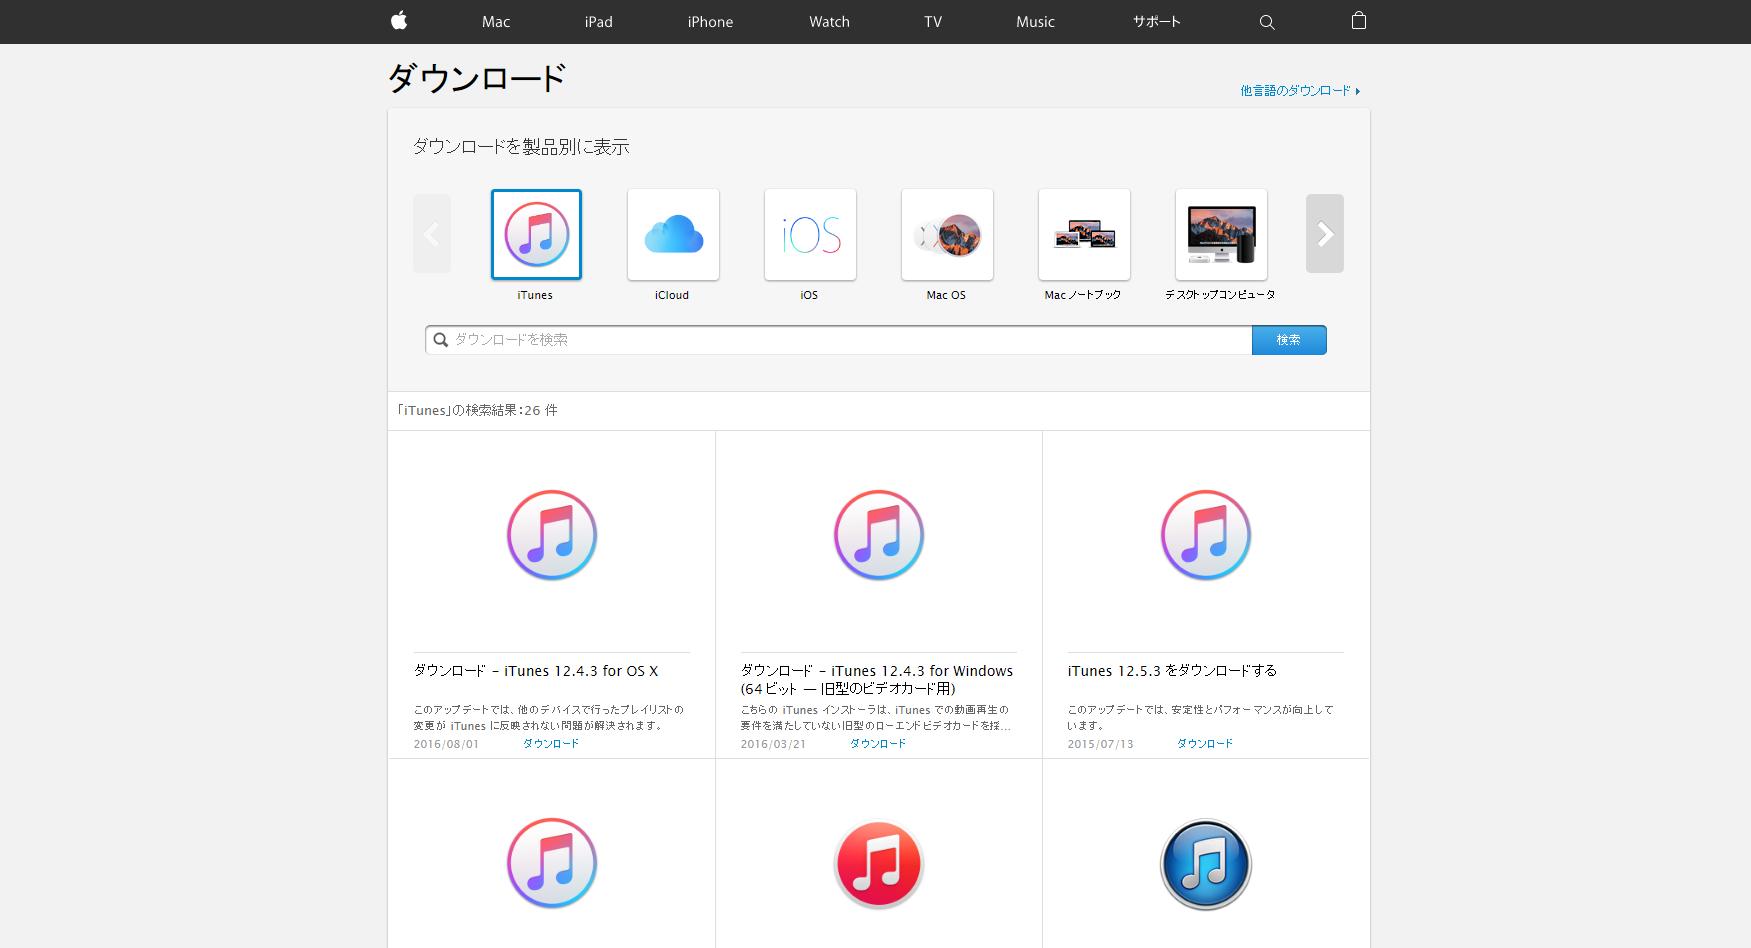 アップルサポートダウンロードページからiTunesをダウンロードする